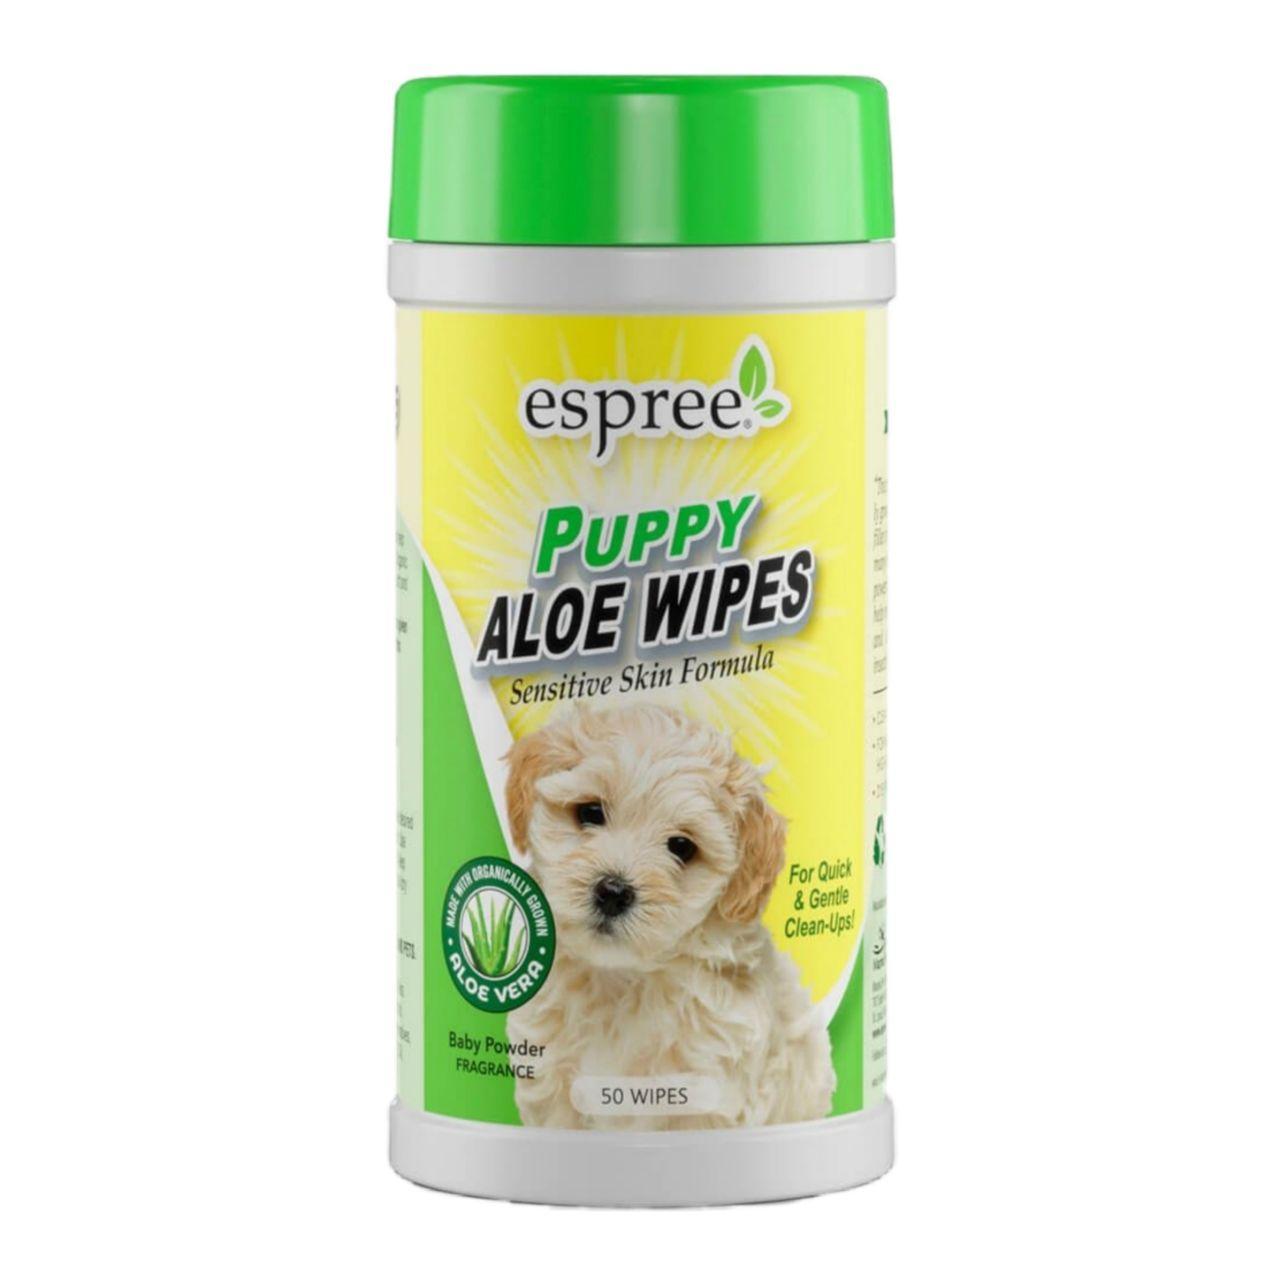 Espree Puppy Aloe Wipes – влажные салфетки для очистки щенков